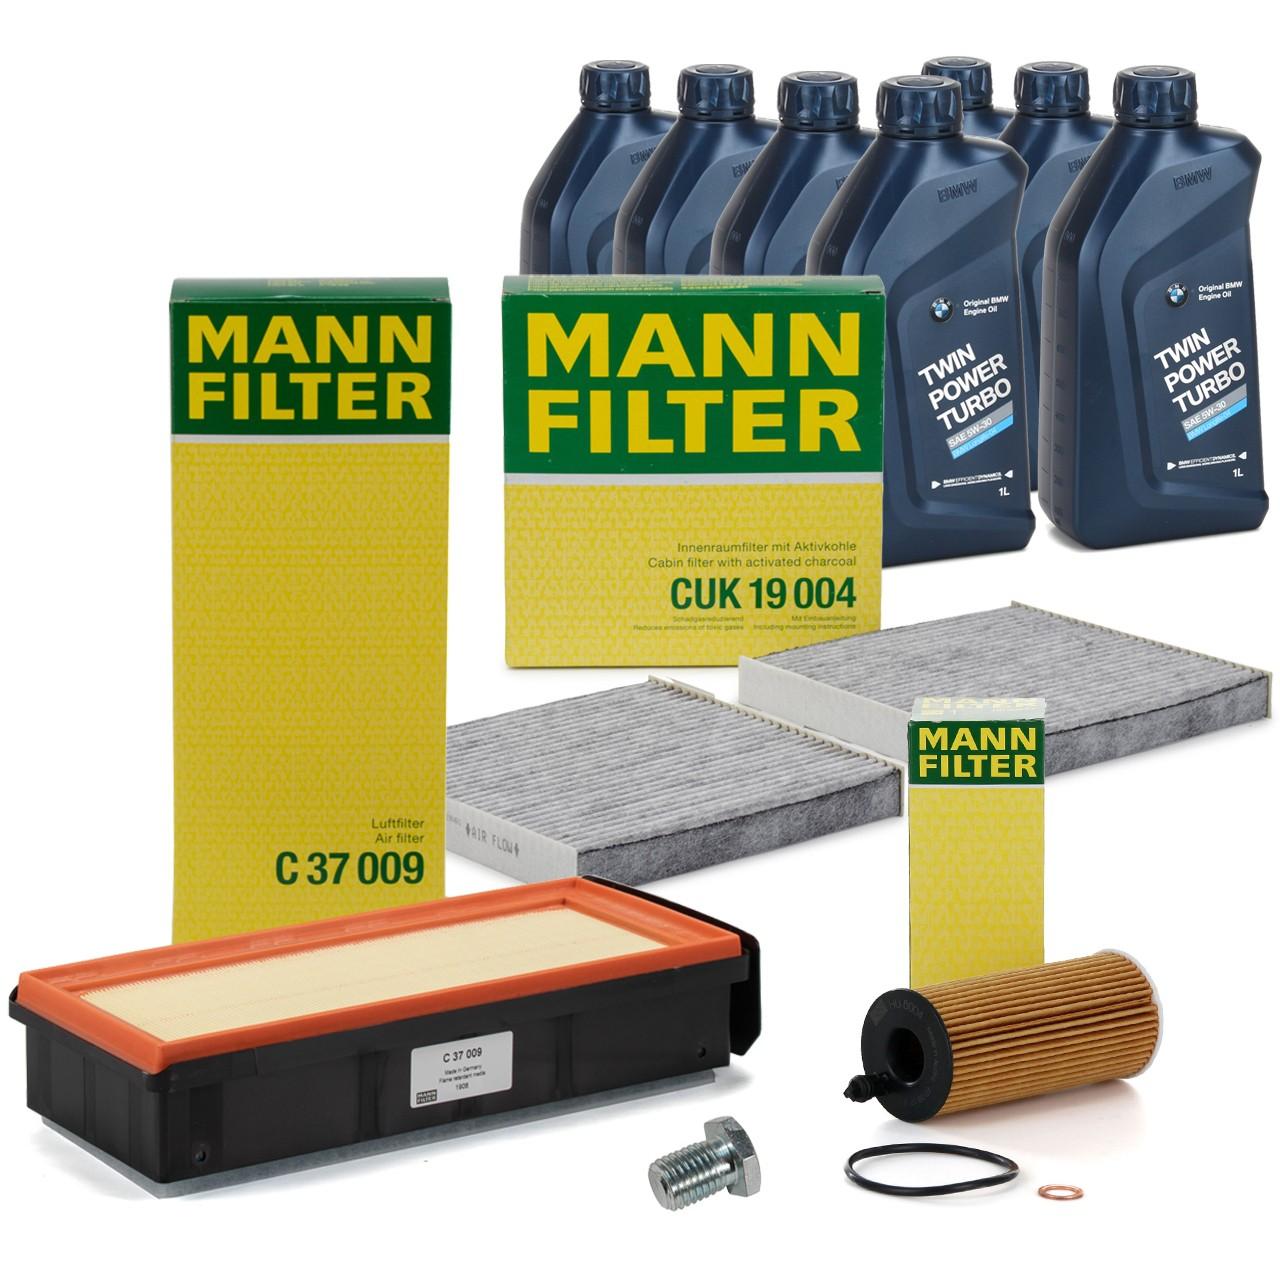 MANN Inspektionskit + 7 L ORIGINAL BMW 5W30 Motoröl für X3 F25 X4 F26 30d 35d